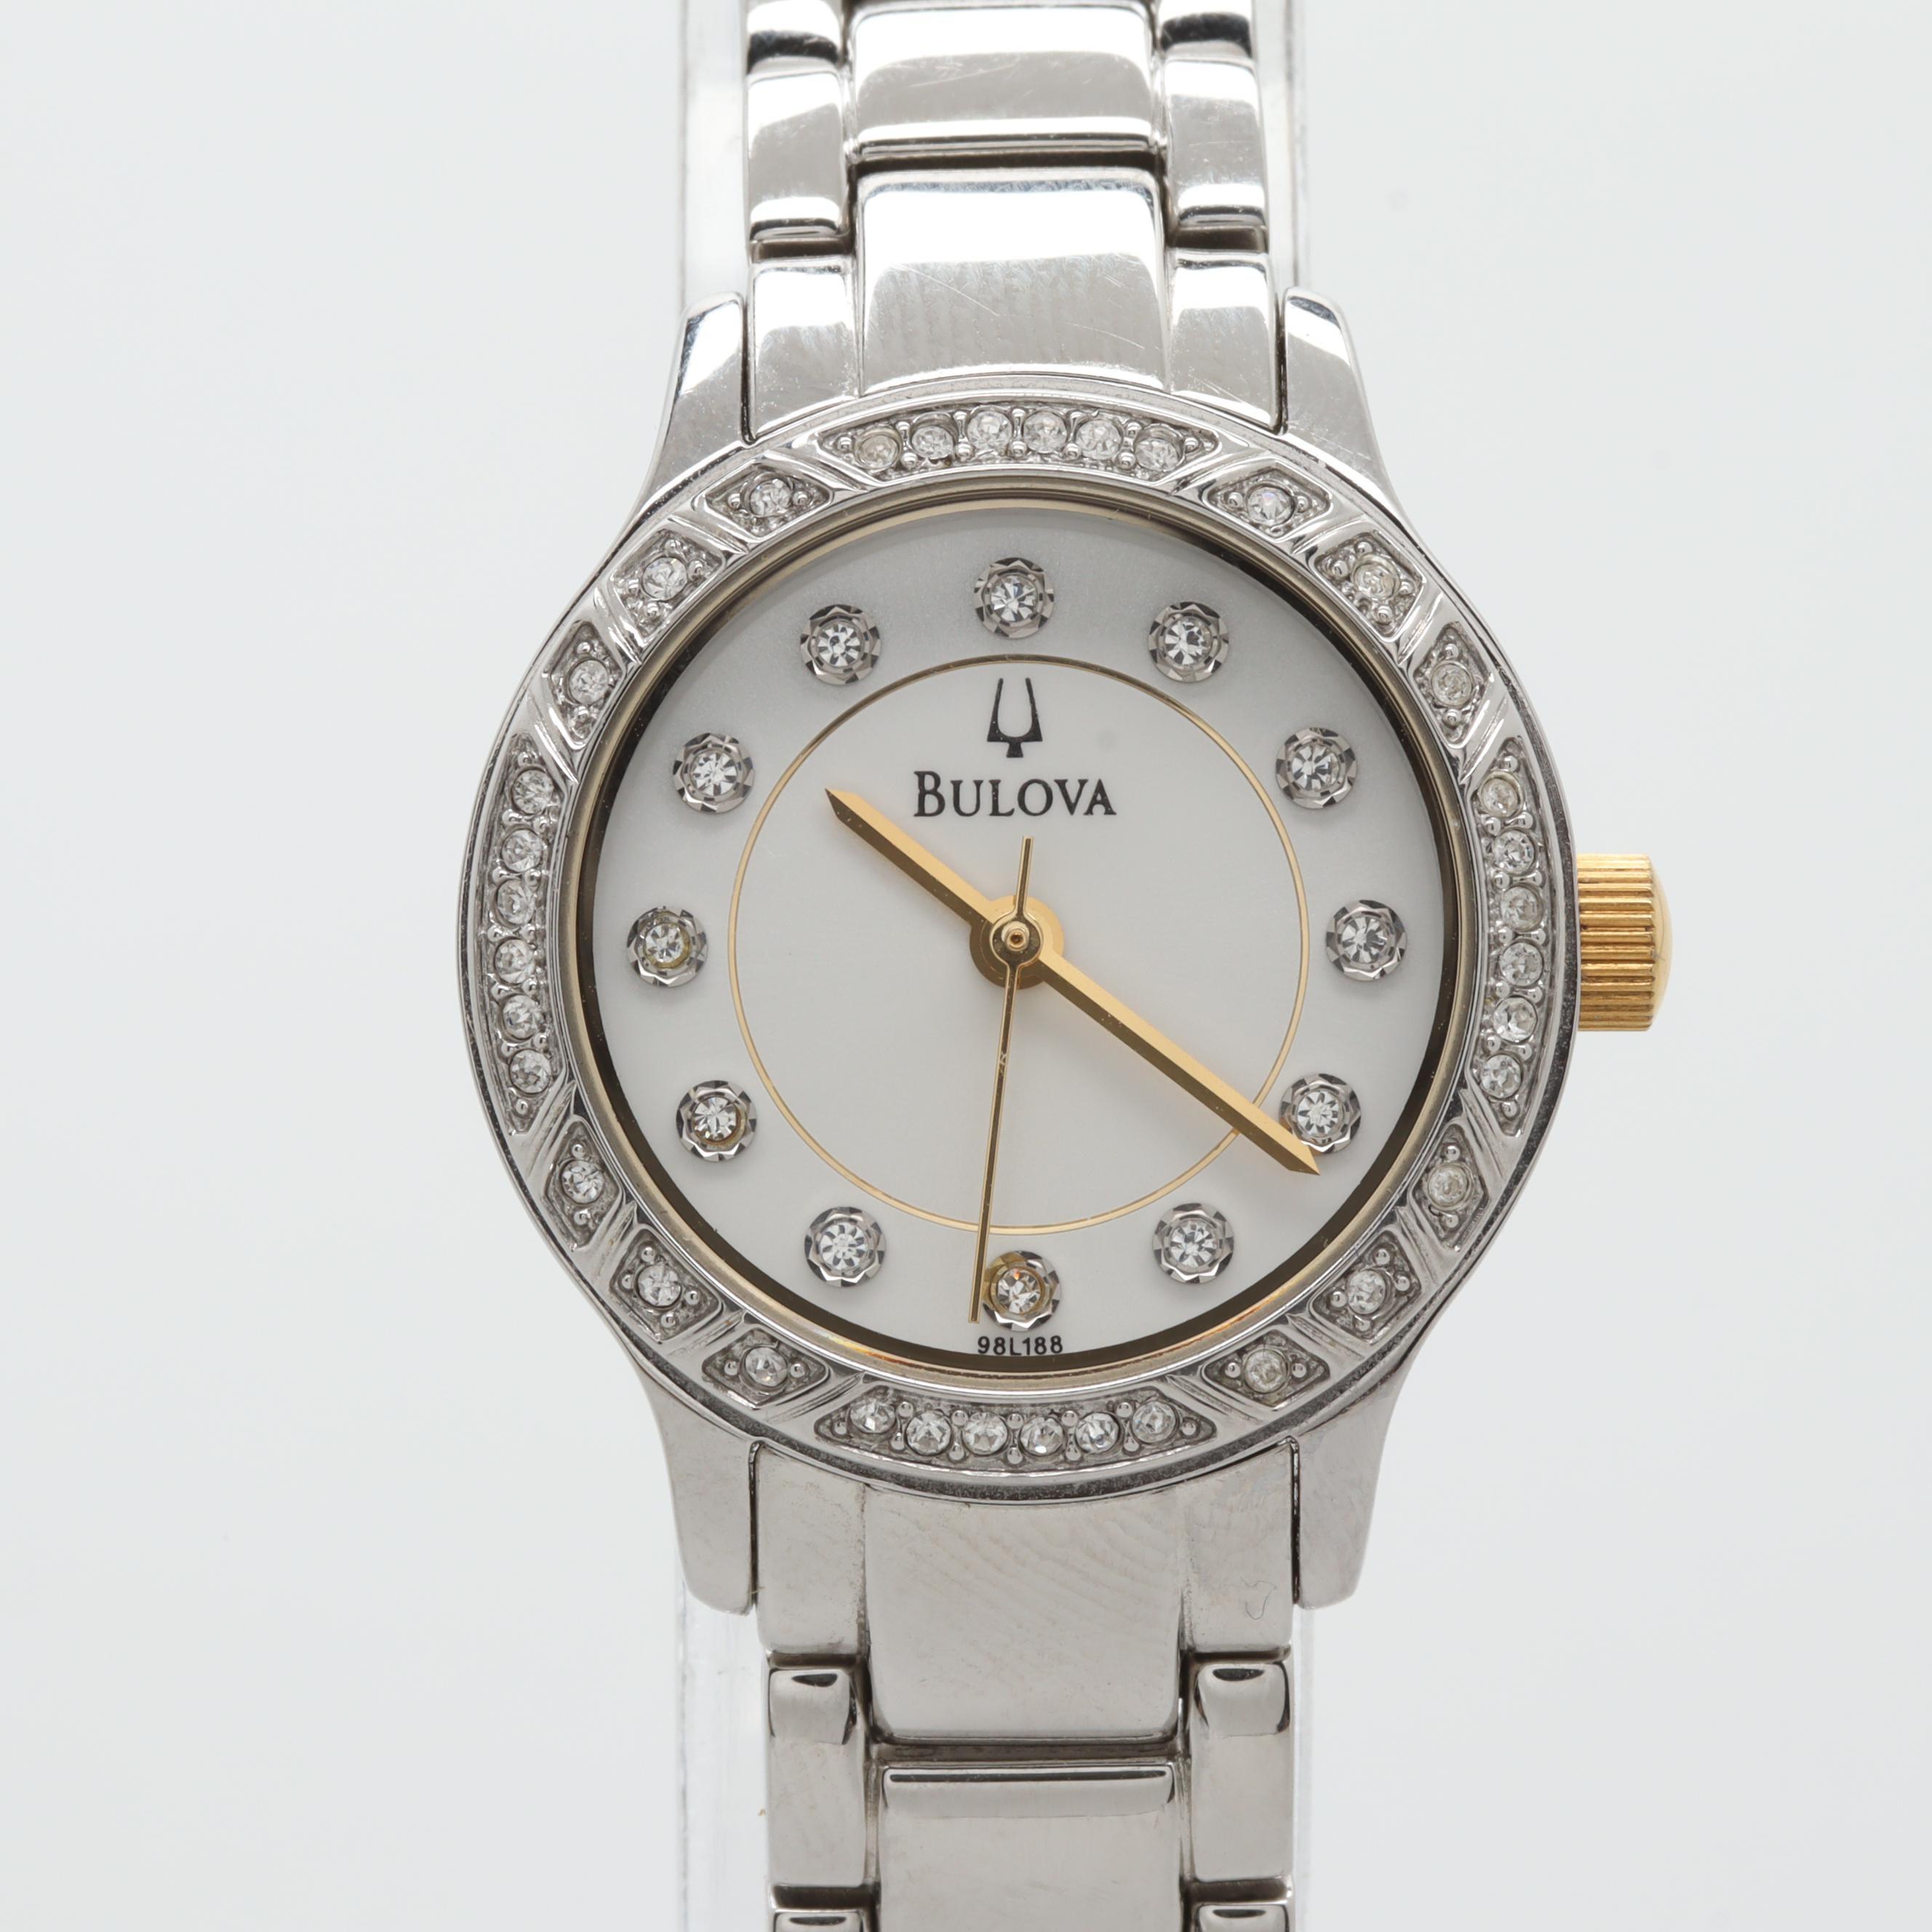 Bulova Stainless Steel Wristwatch